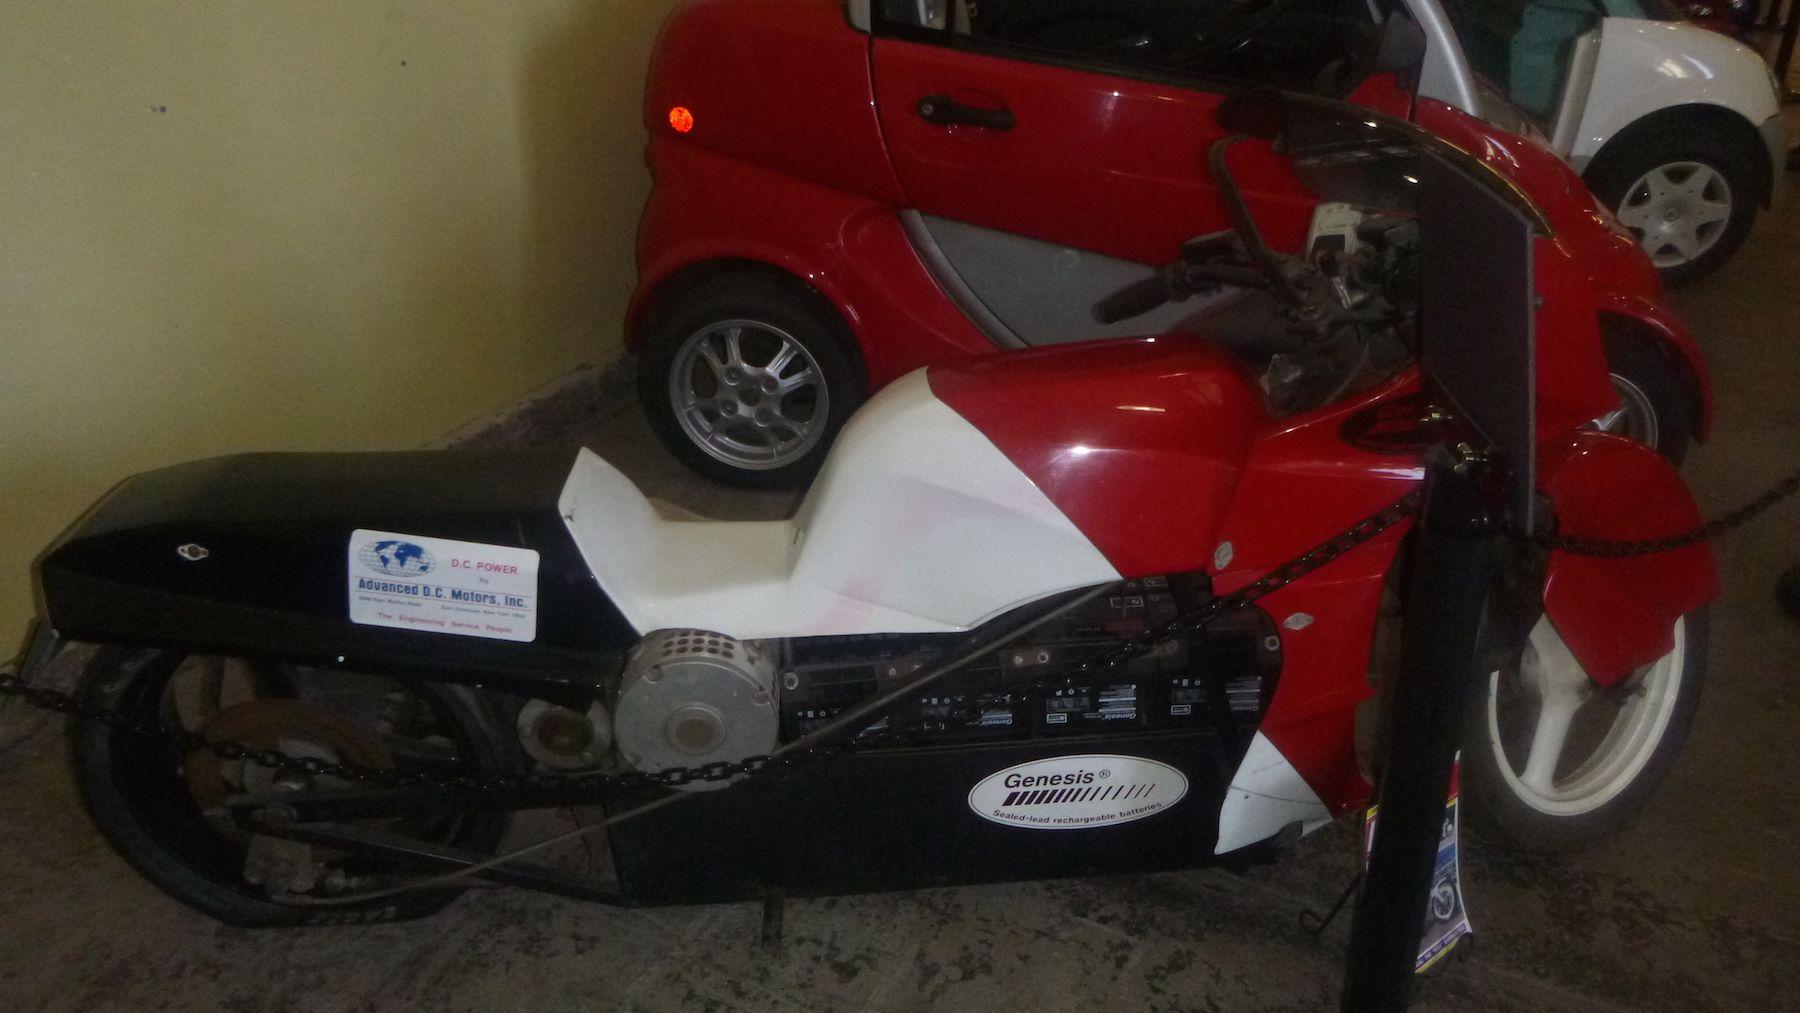 Vintage Electric Motorcycle